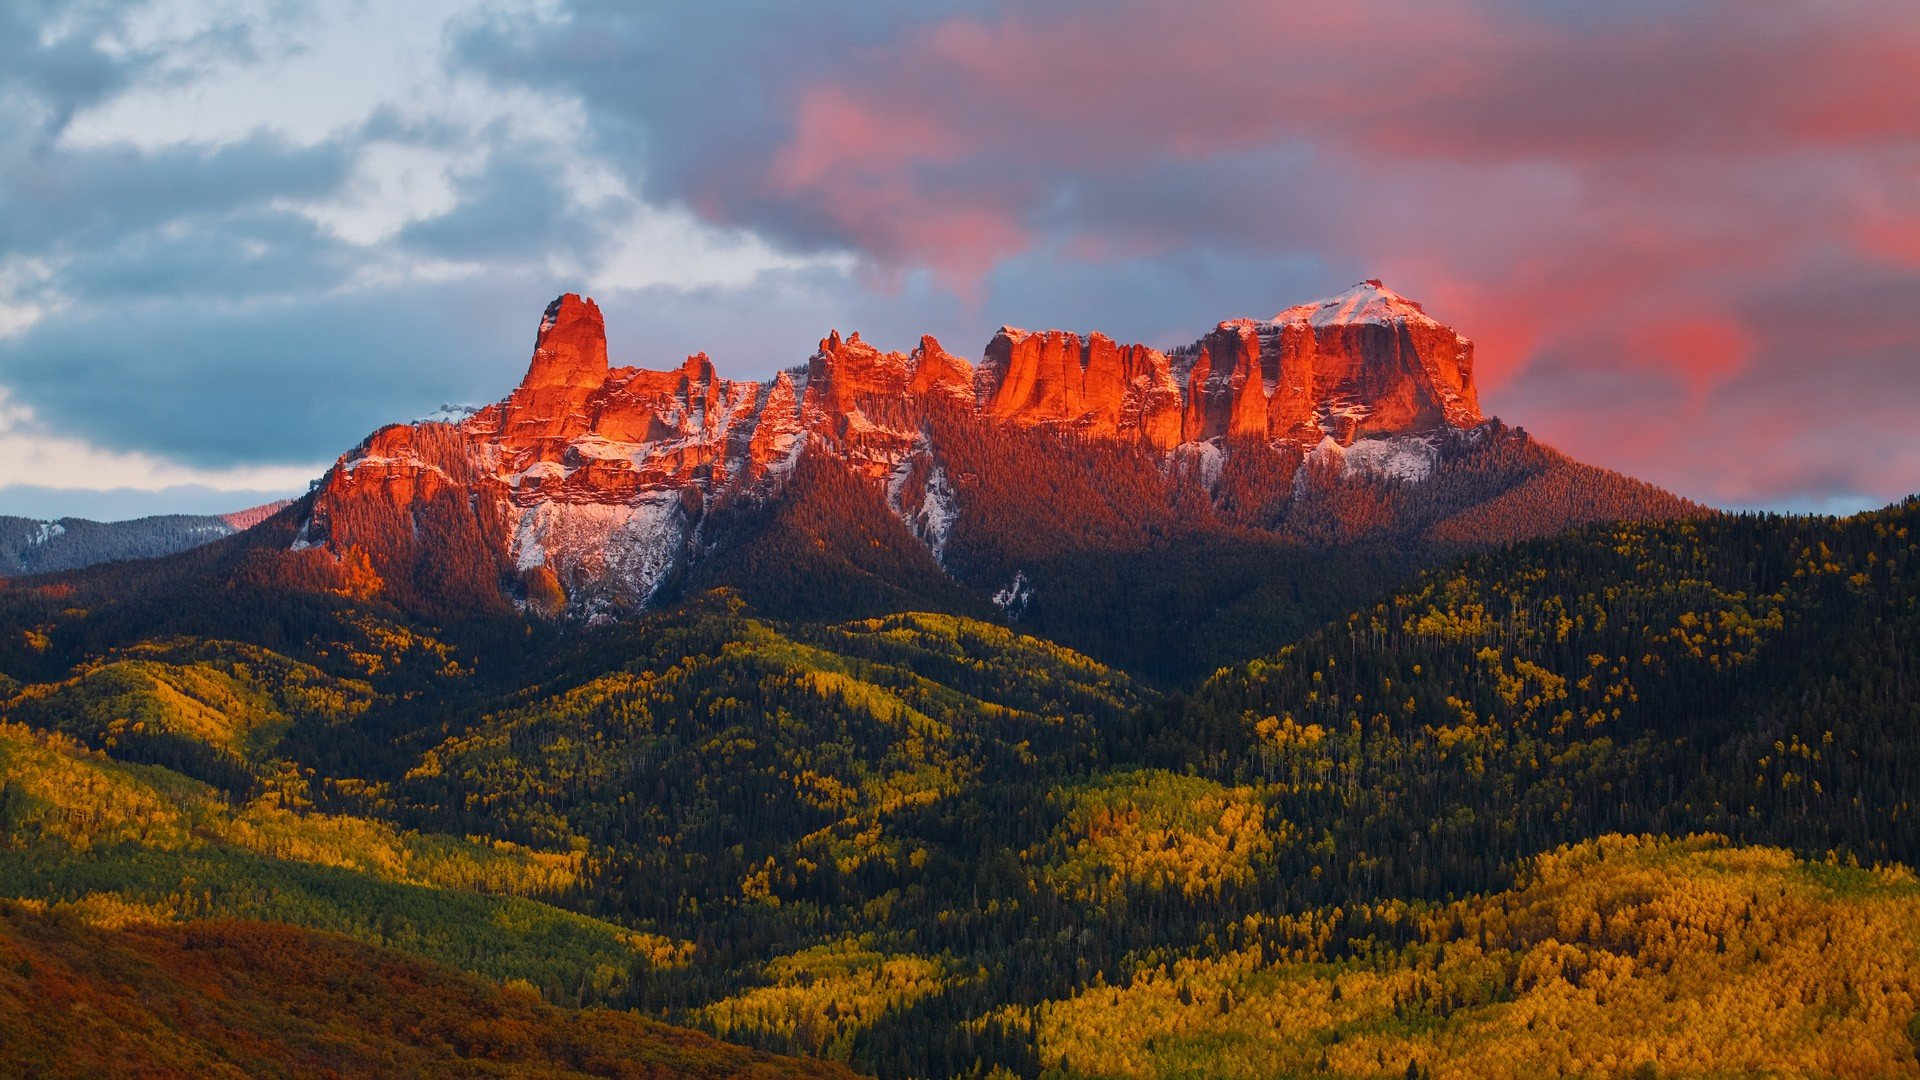 1920x1080 Hd Mountain Wallpapers Top Free 1920x1080 Hd Mountain